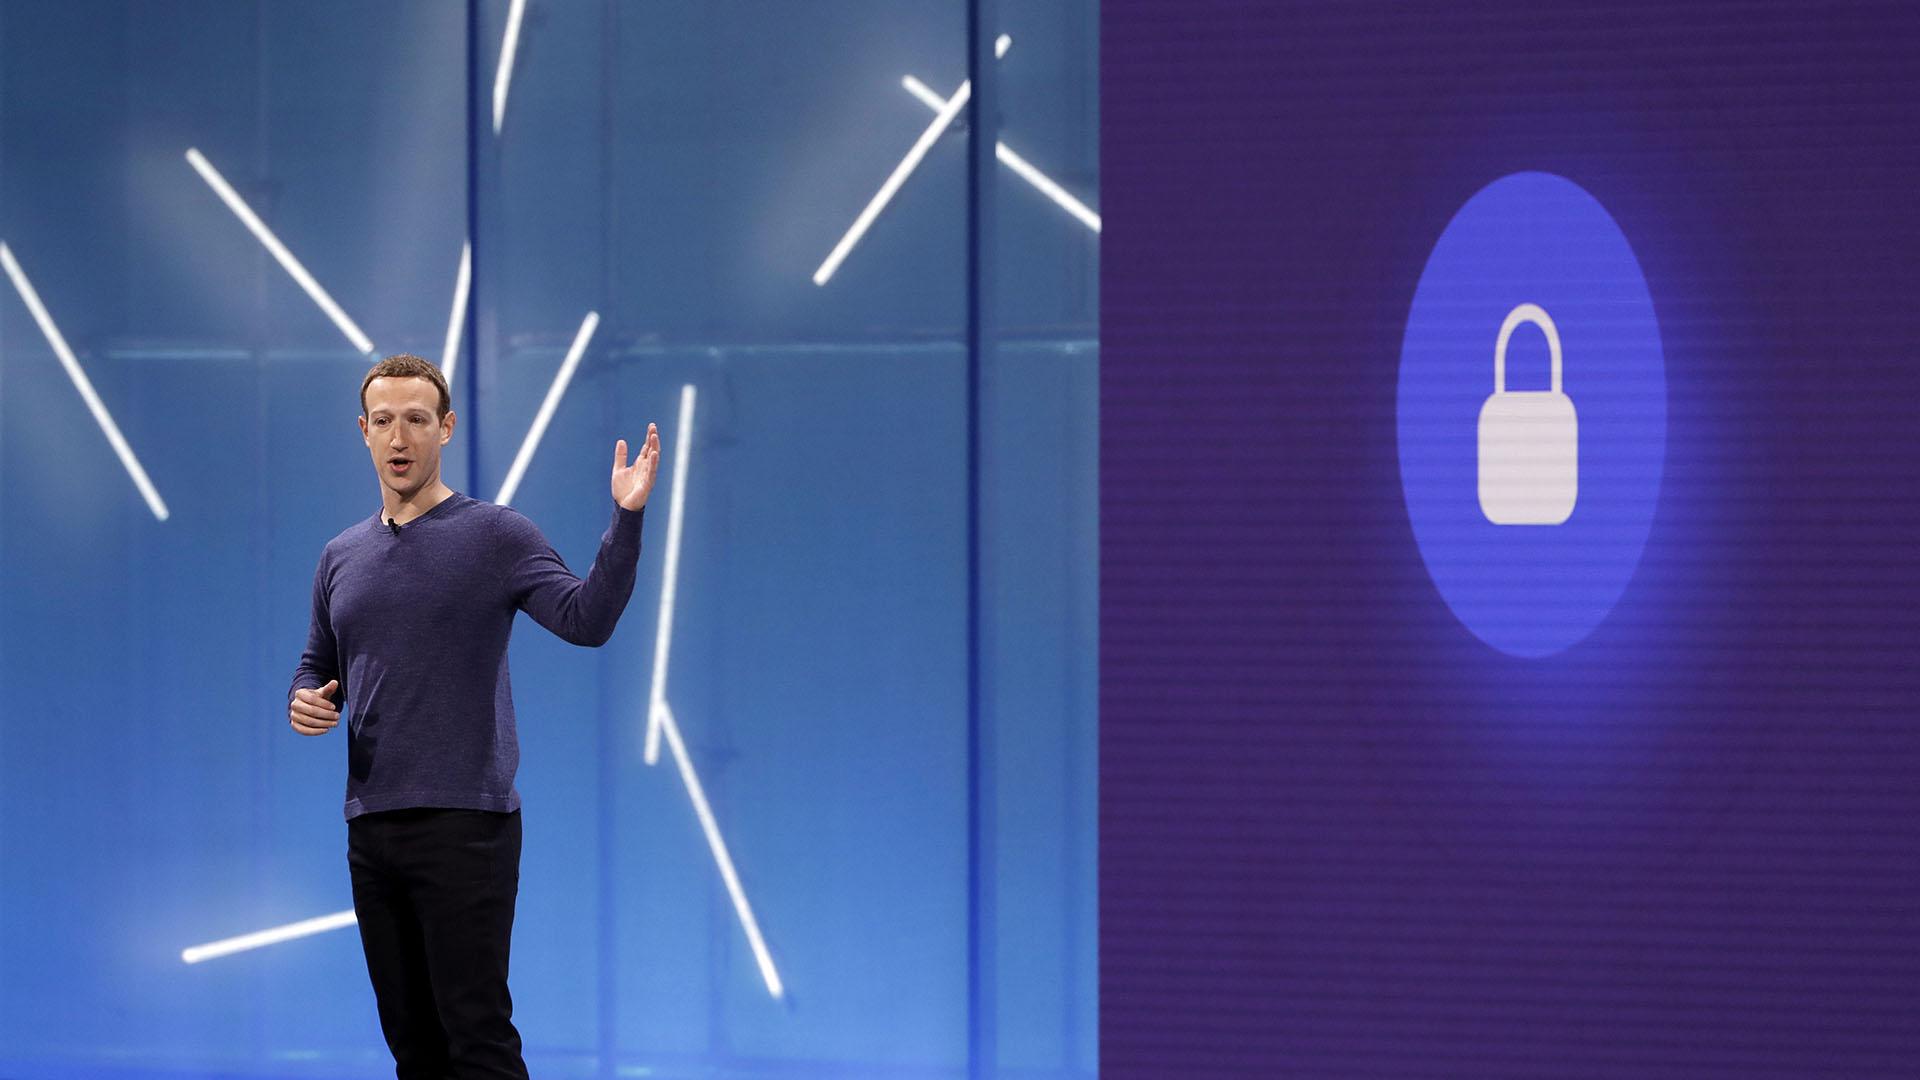 La empresa de Mark Zuckerberg está bajo la investigación de distintos organismos del gobierno estadounidense por las violaciones a la privacidad de los usuarios. (AP)